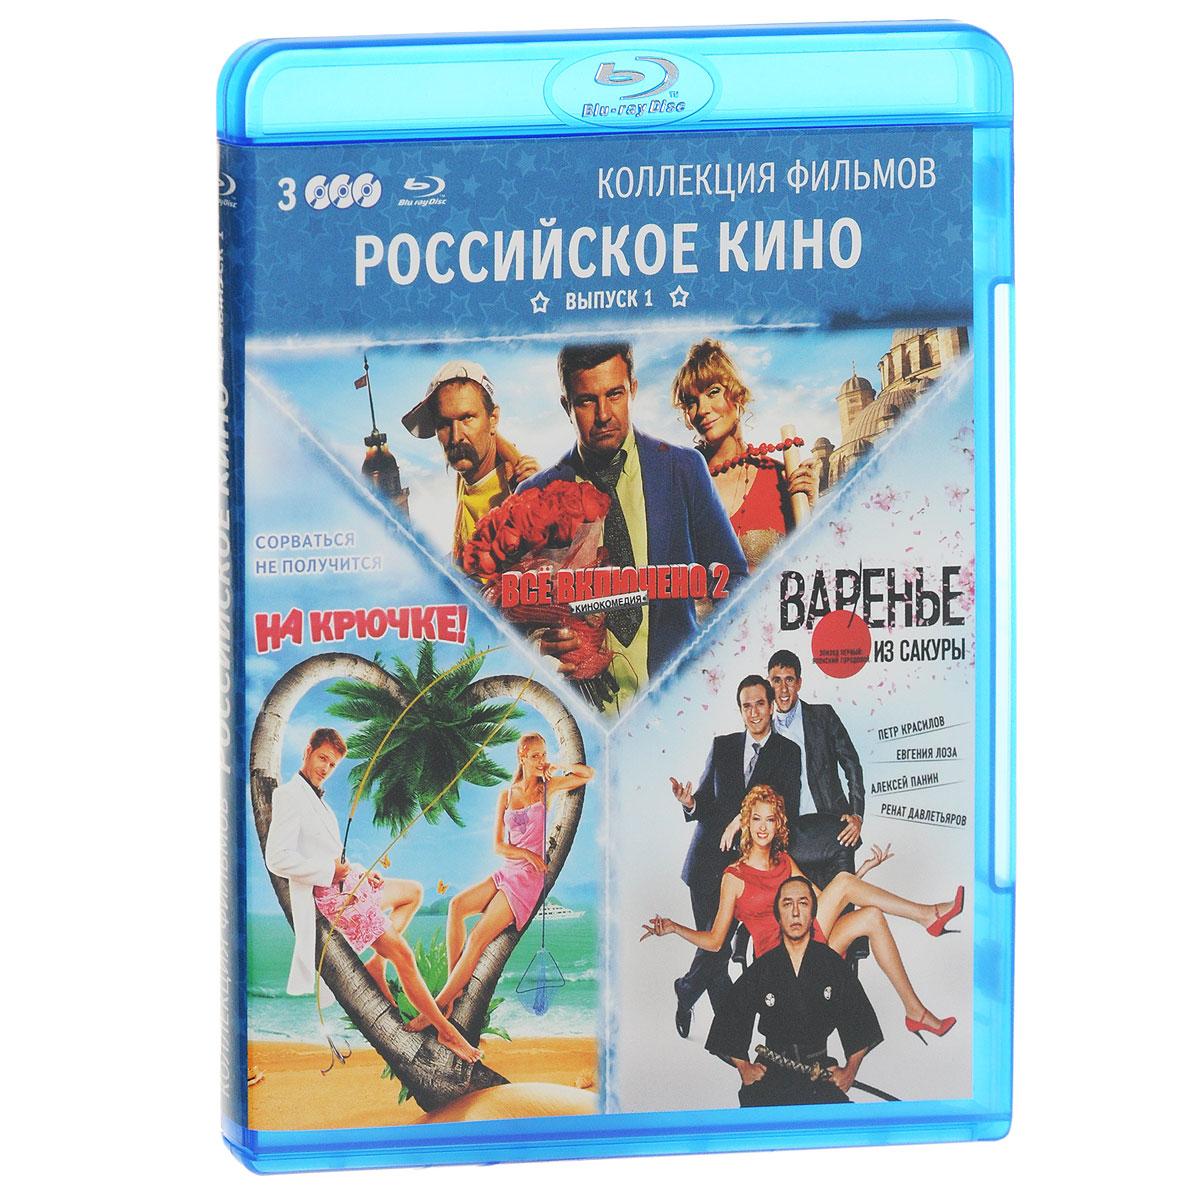 Российское кино, выпуск 1 (3 Blu-ray) видеодиски нд плэй экстрасенсы dvd video dvd box